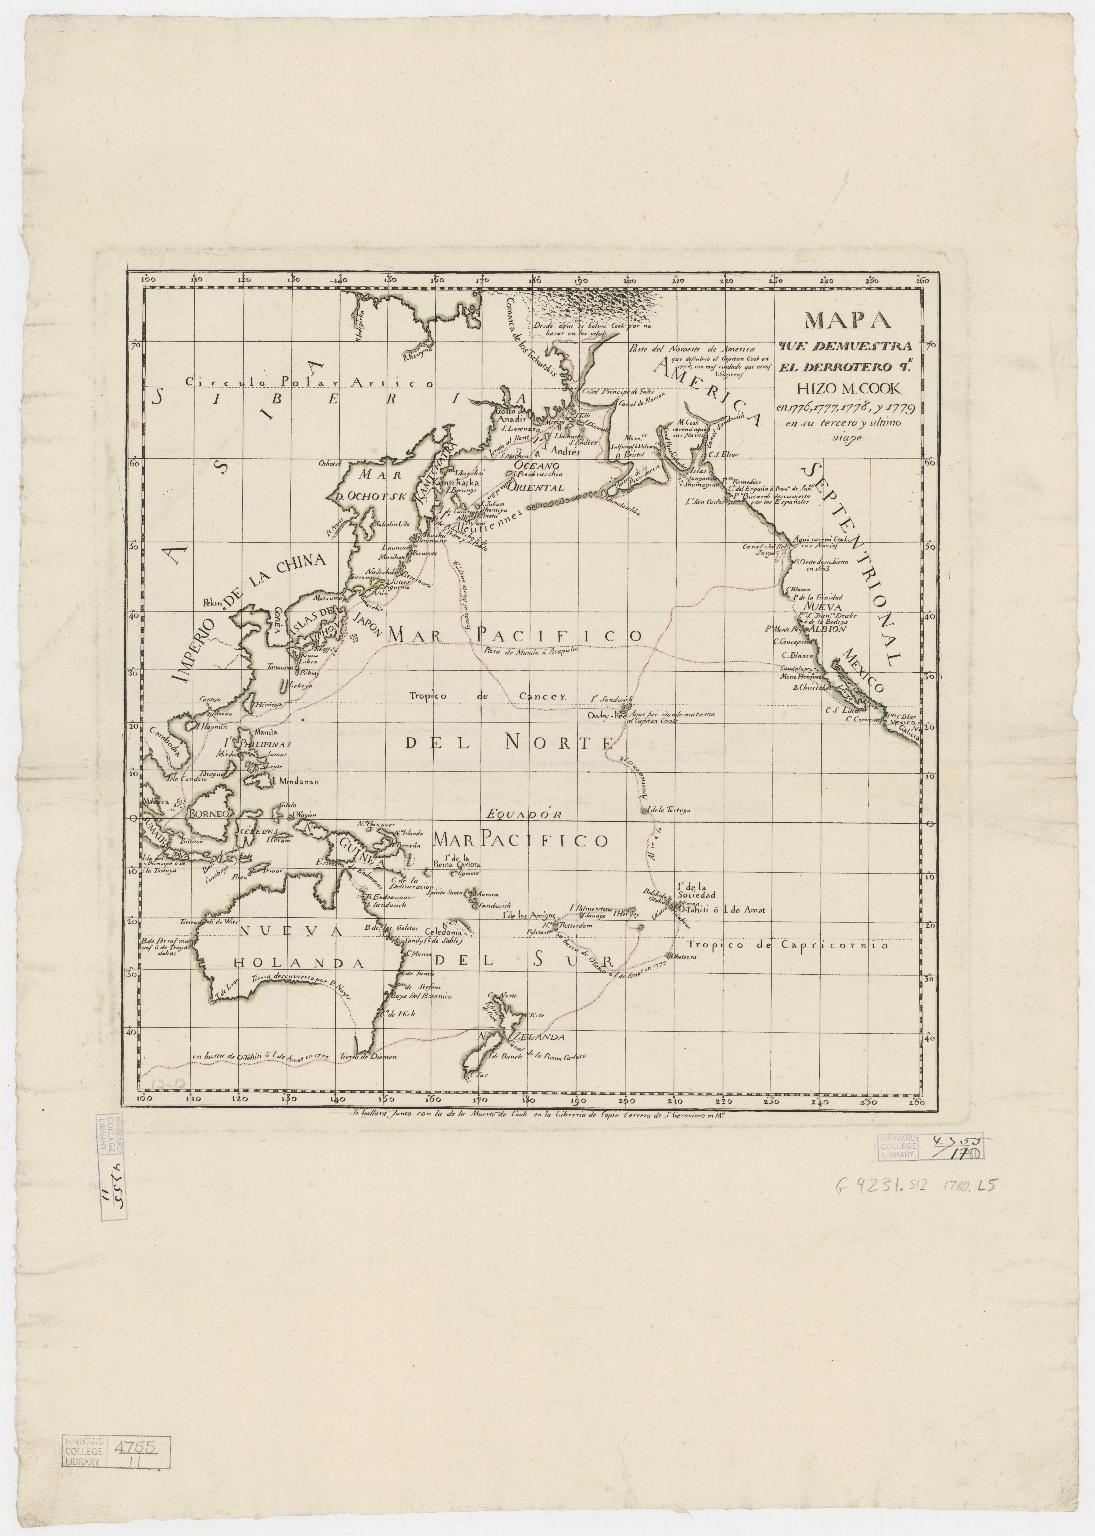 Mapa que demuestra el derrotero q[ue] : hizo M. Cook en 1776, 1777, 1778, y 1779 en su tercero y ultimo viaje